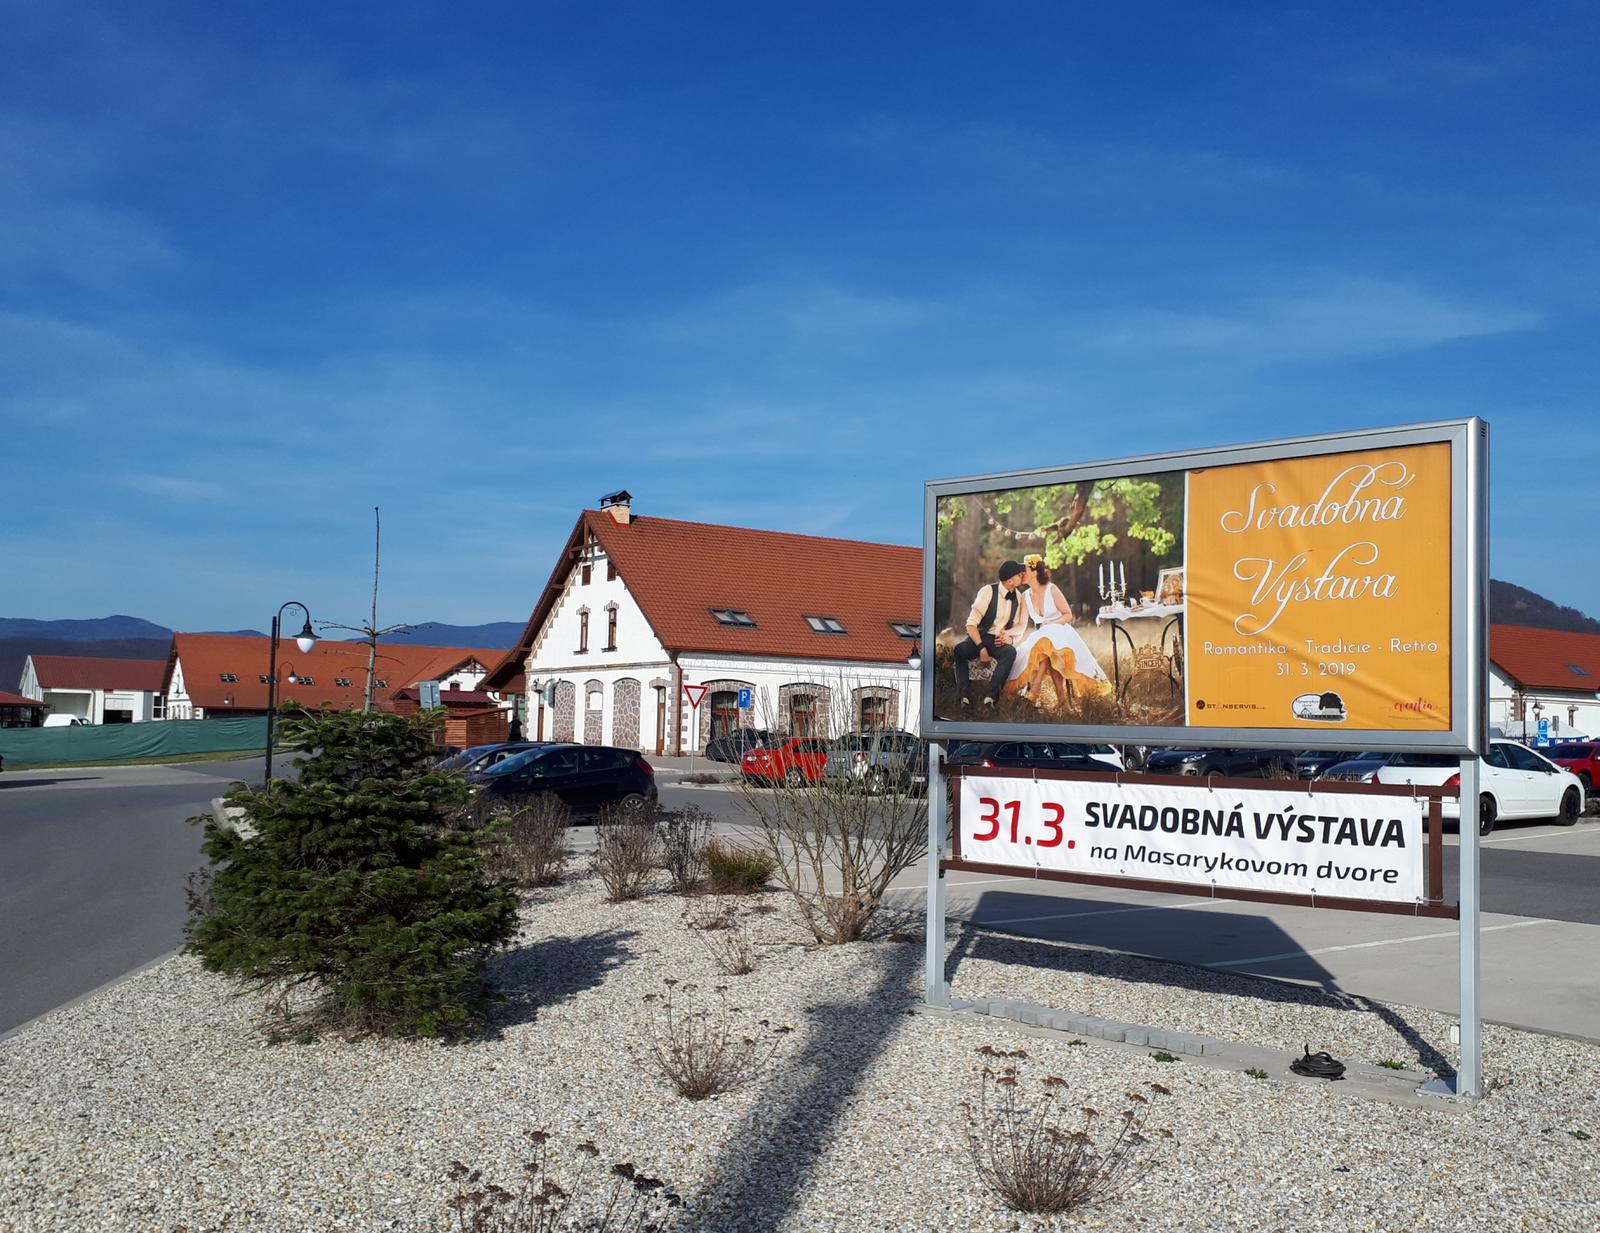 Náš príbeh ❤ a svadobná výstava Masarykov Dvor - Masarykov dvor 👌